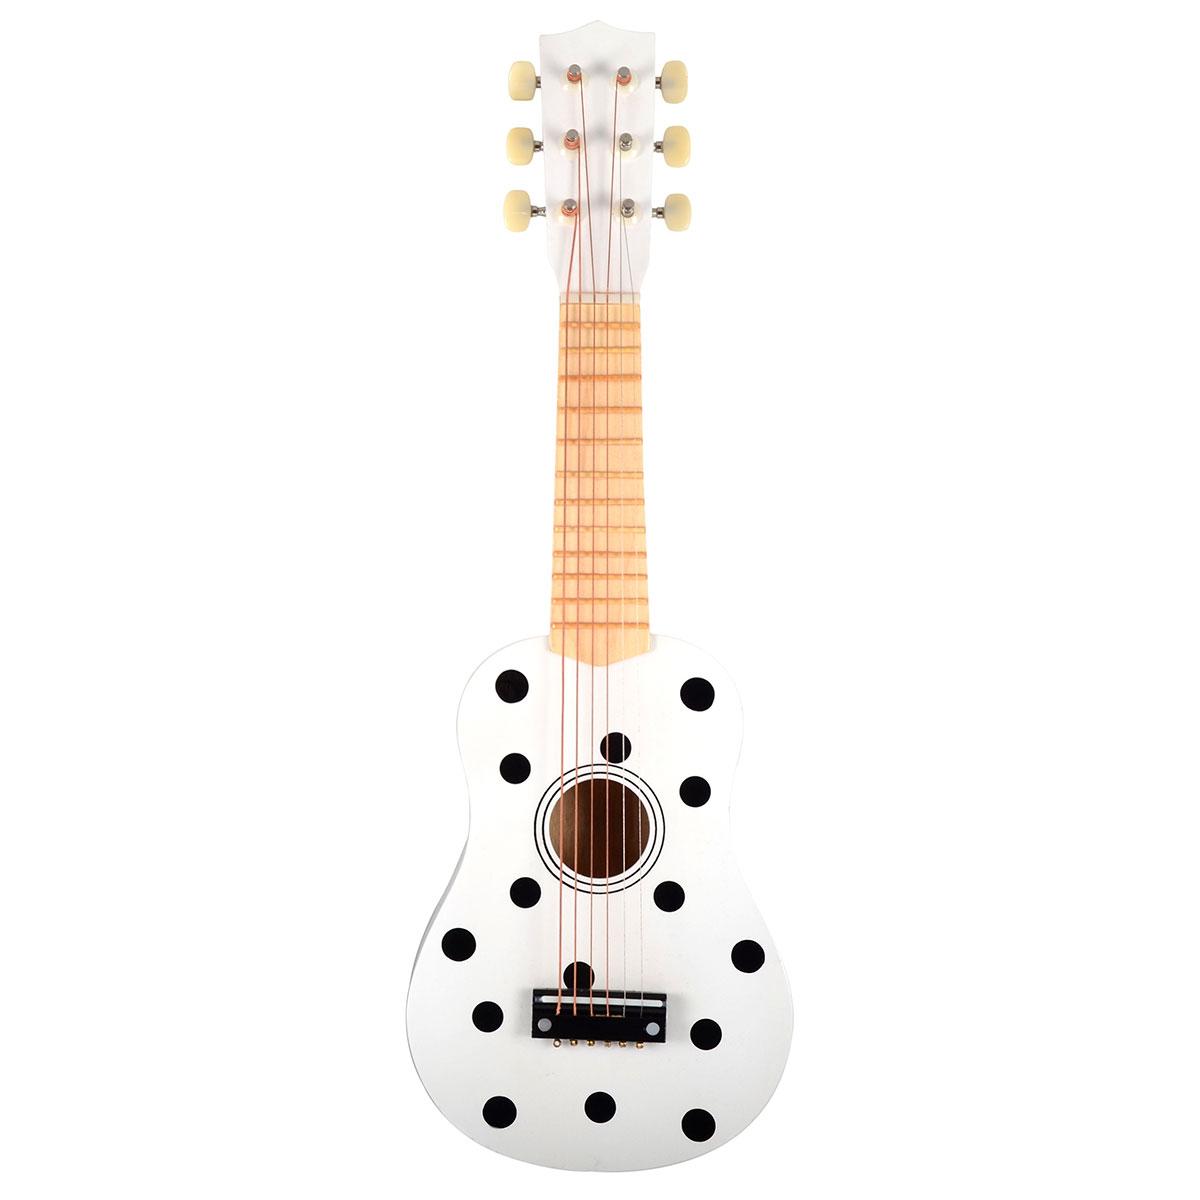 Magni guitar med 6 strenge - Hvid med prikker